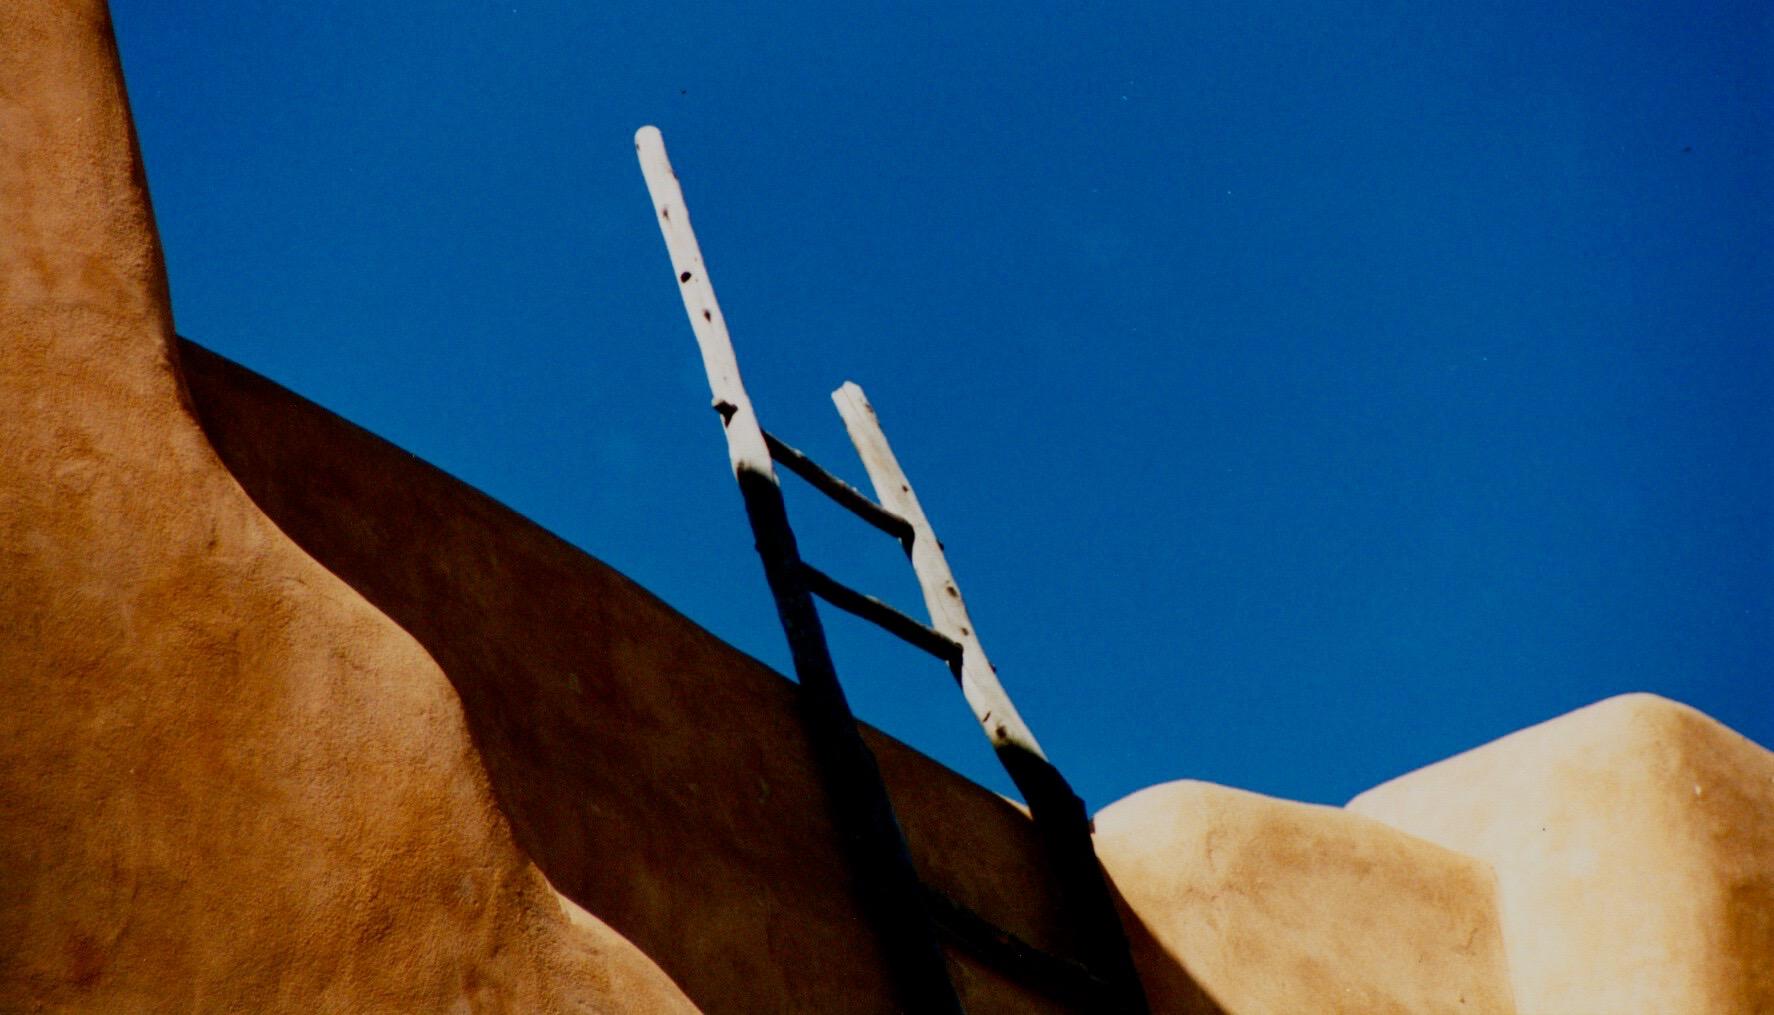 My photo from Santa Fe Square...